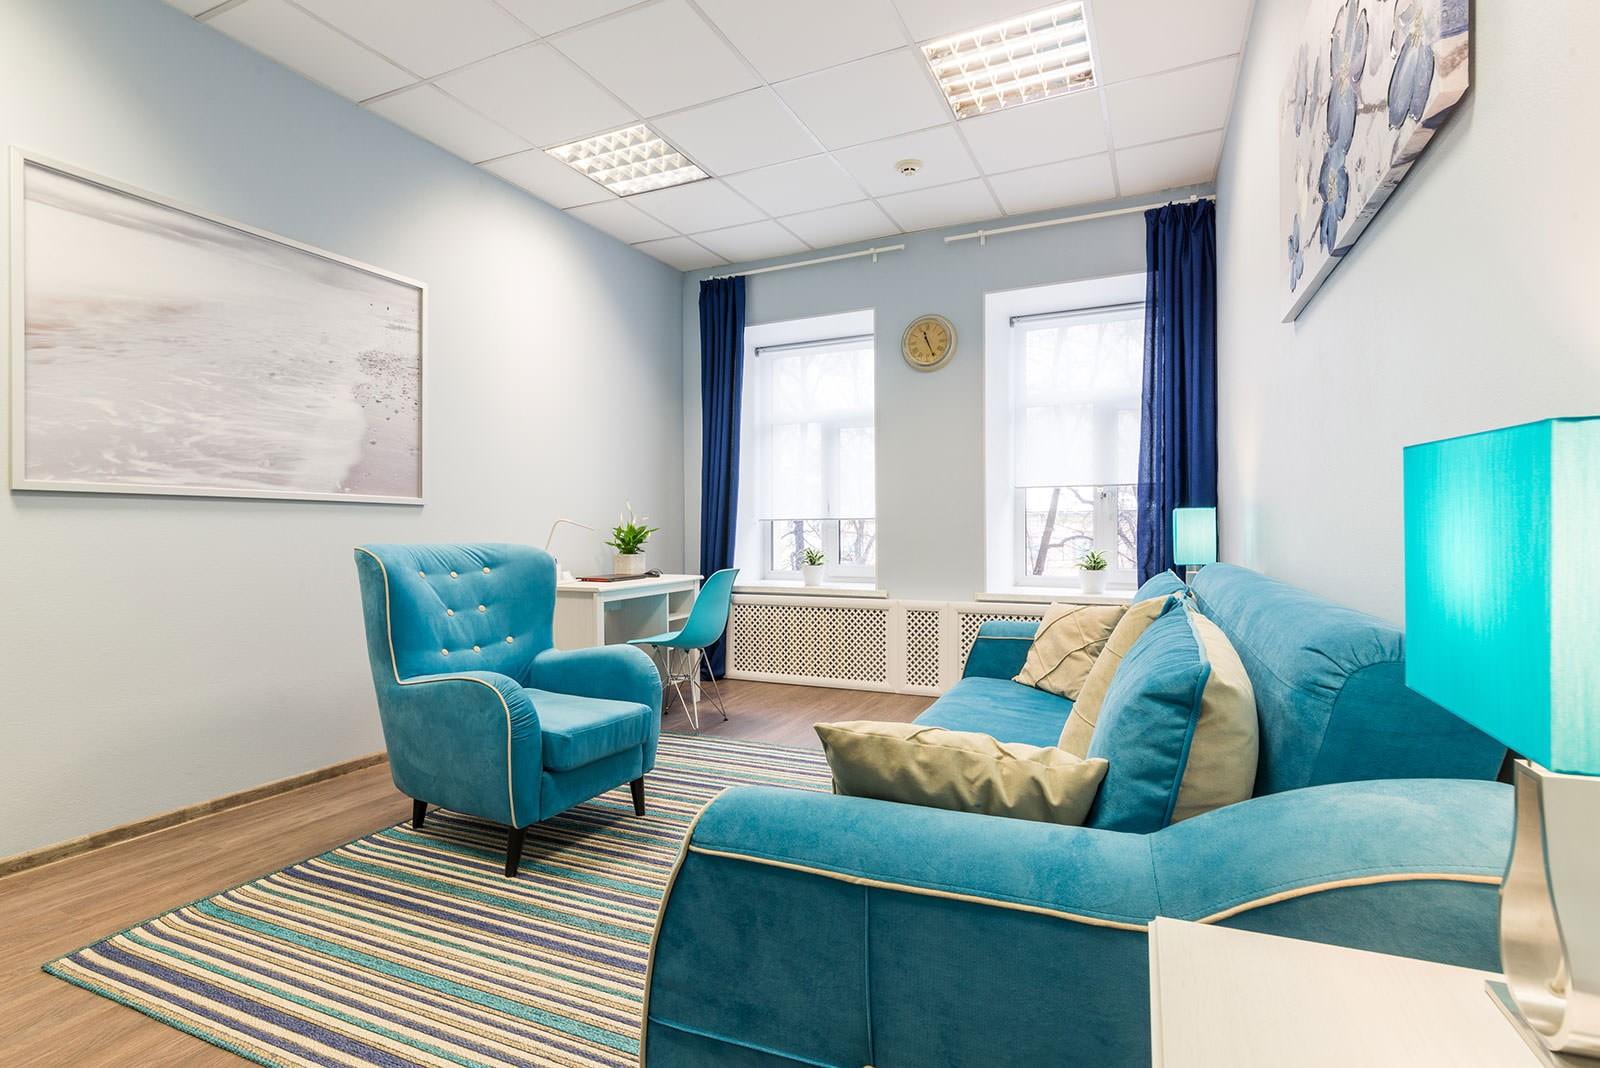 гостиная комната в голубых тонах